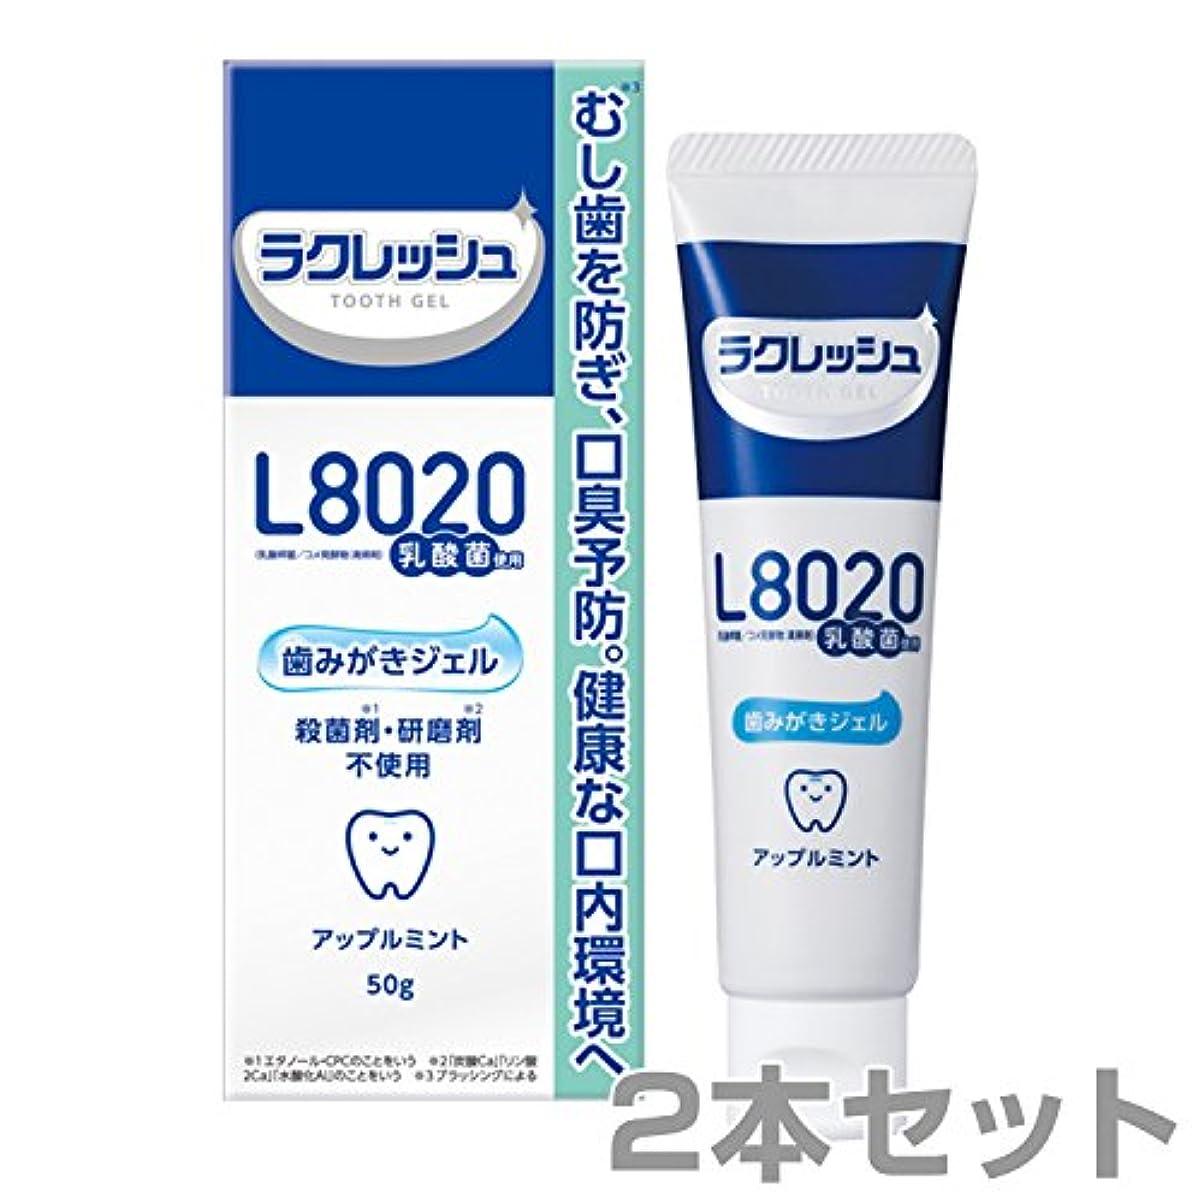 ミニスナップ連結するジェクス(JEX) ラクレッシュ L8020 乳酸菌 歯みがきジェル (50g) 2本セット アップルミント風味